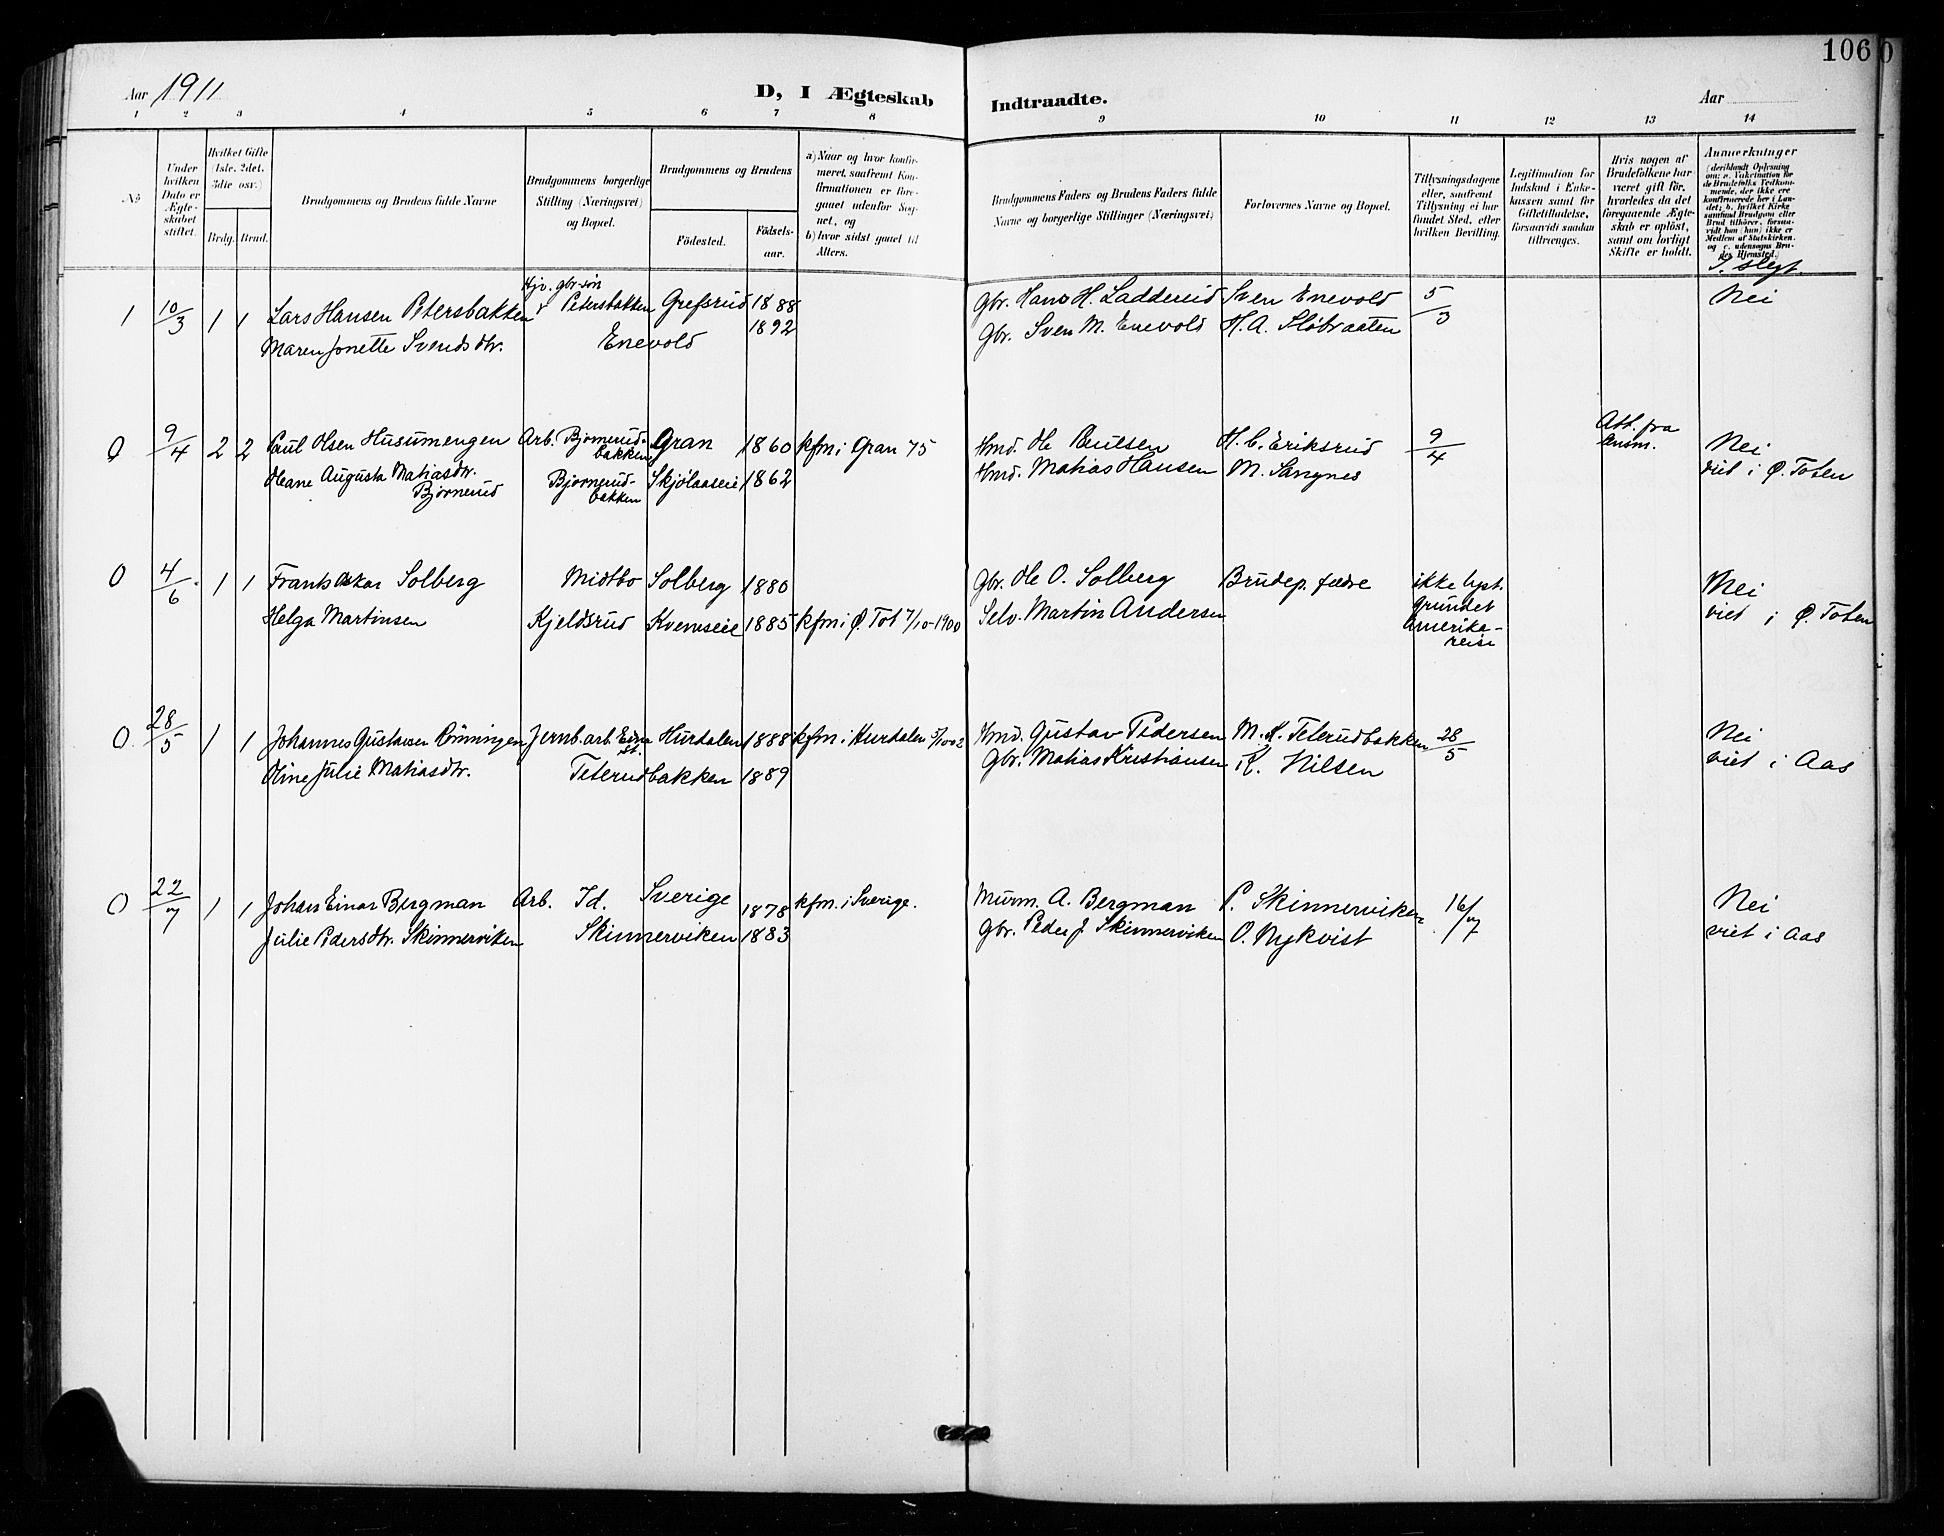 SAH, Vestre Toten prestekontor, H/Ha/Hab/L0016: Klokkerbok nr. 16, 1901-1915, s. 106